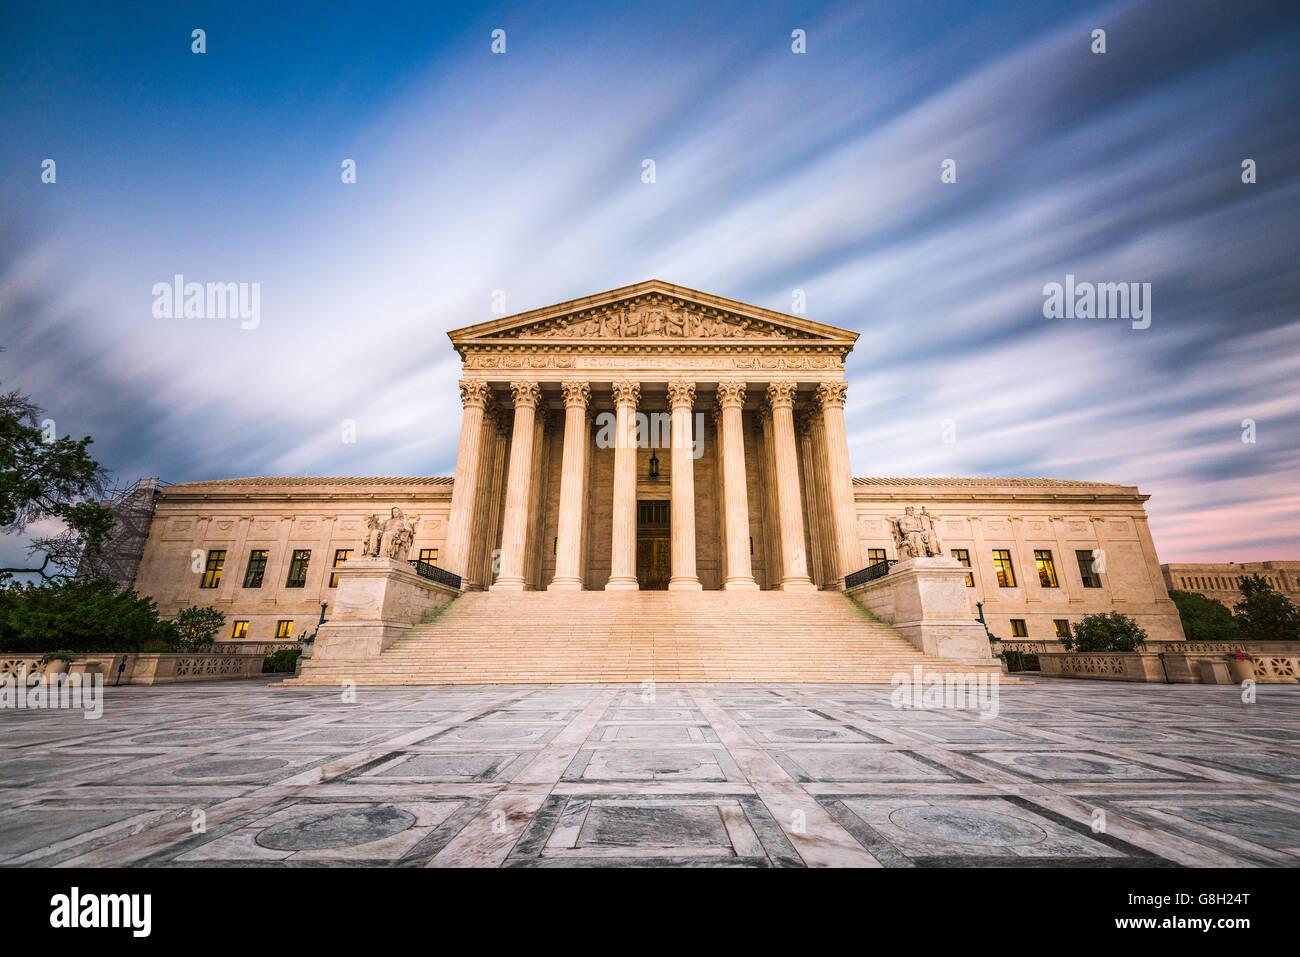 Edificio de la Corte Suprema de los Estados Unidos en Washington DC, Estados Unidos. Imagen De Stock